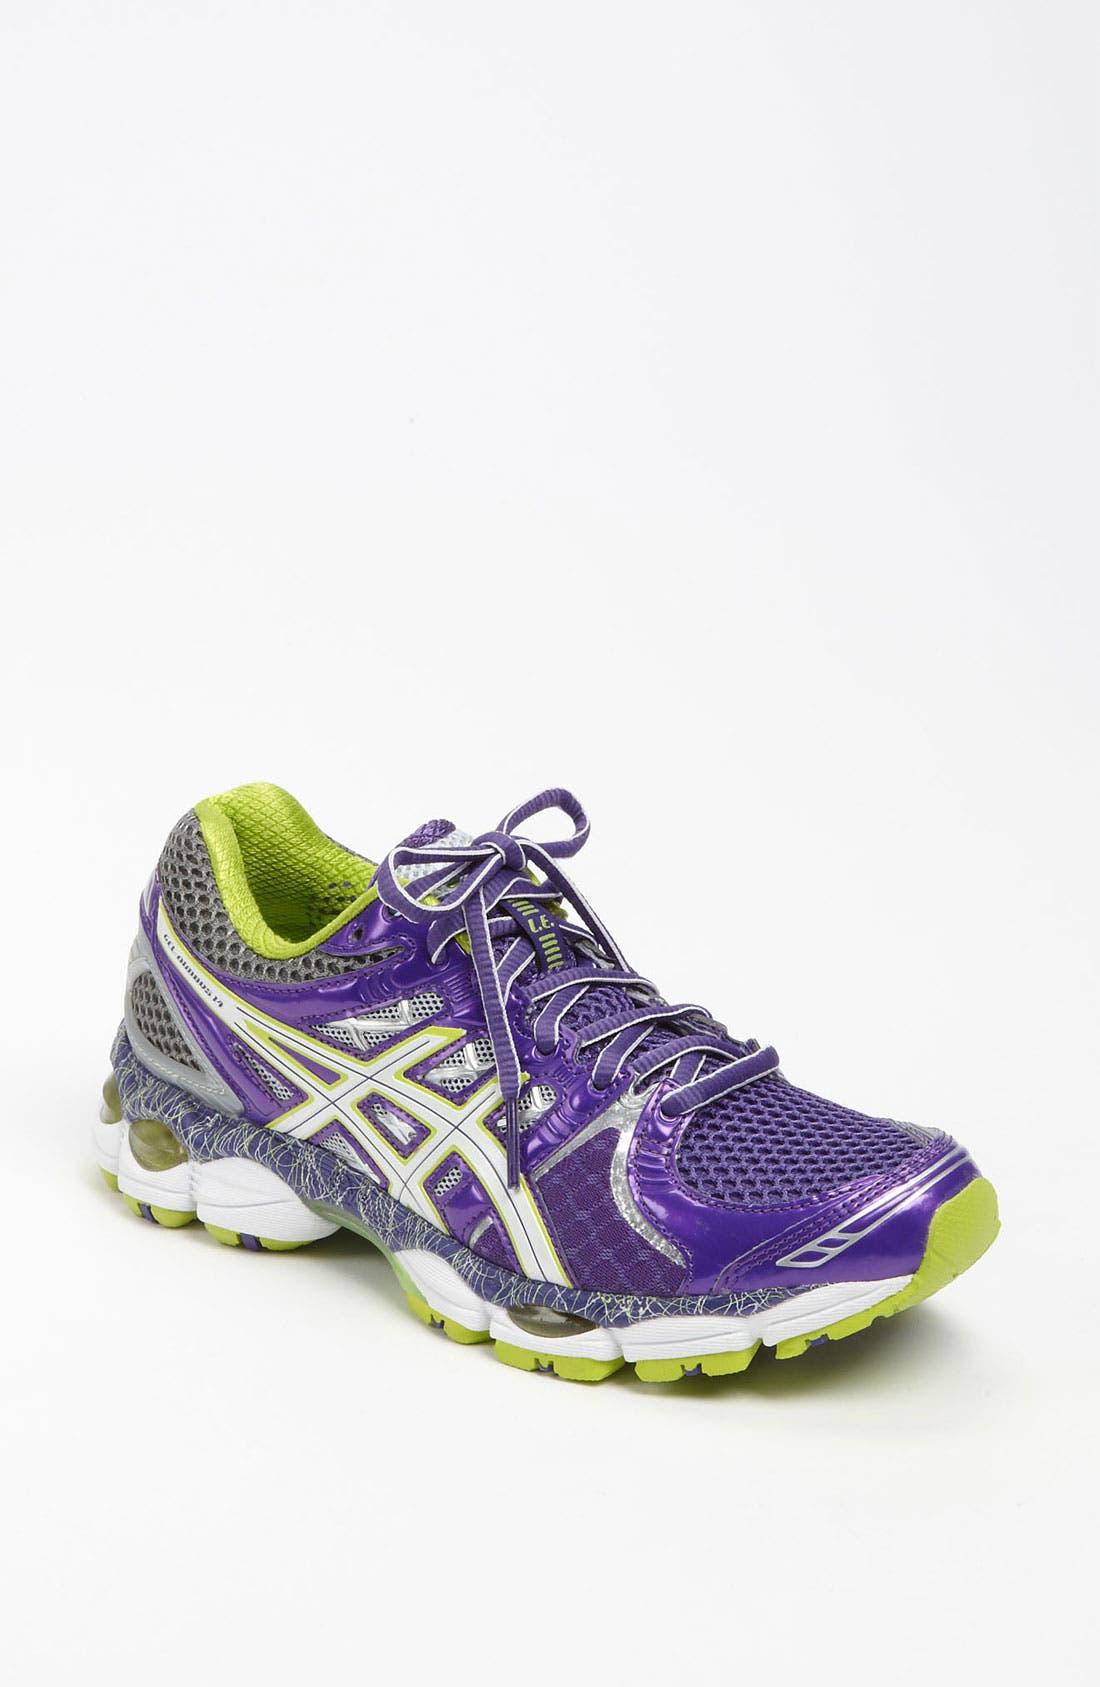 Alternate Image 1 Selected - ASICS® 'GEL®-Nimbus 14' Running Shoe (Women)(Retail Price: $139.95)